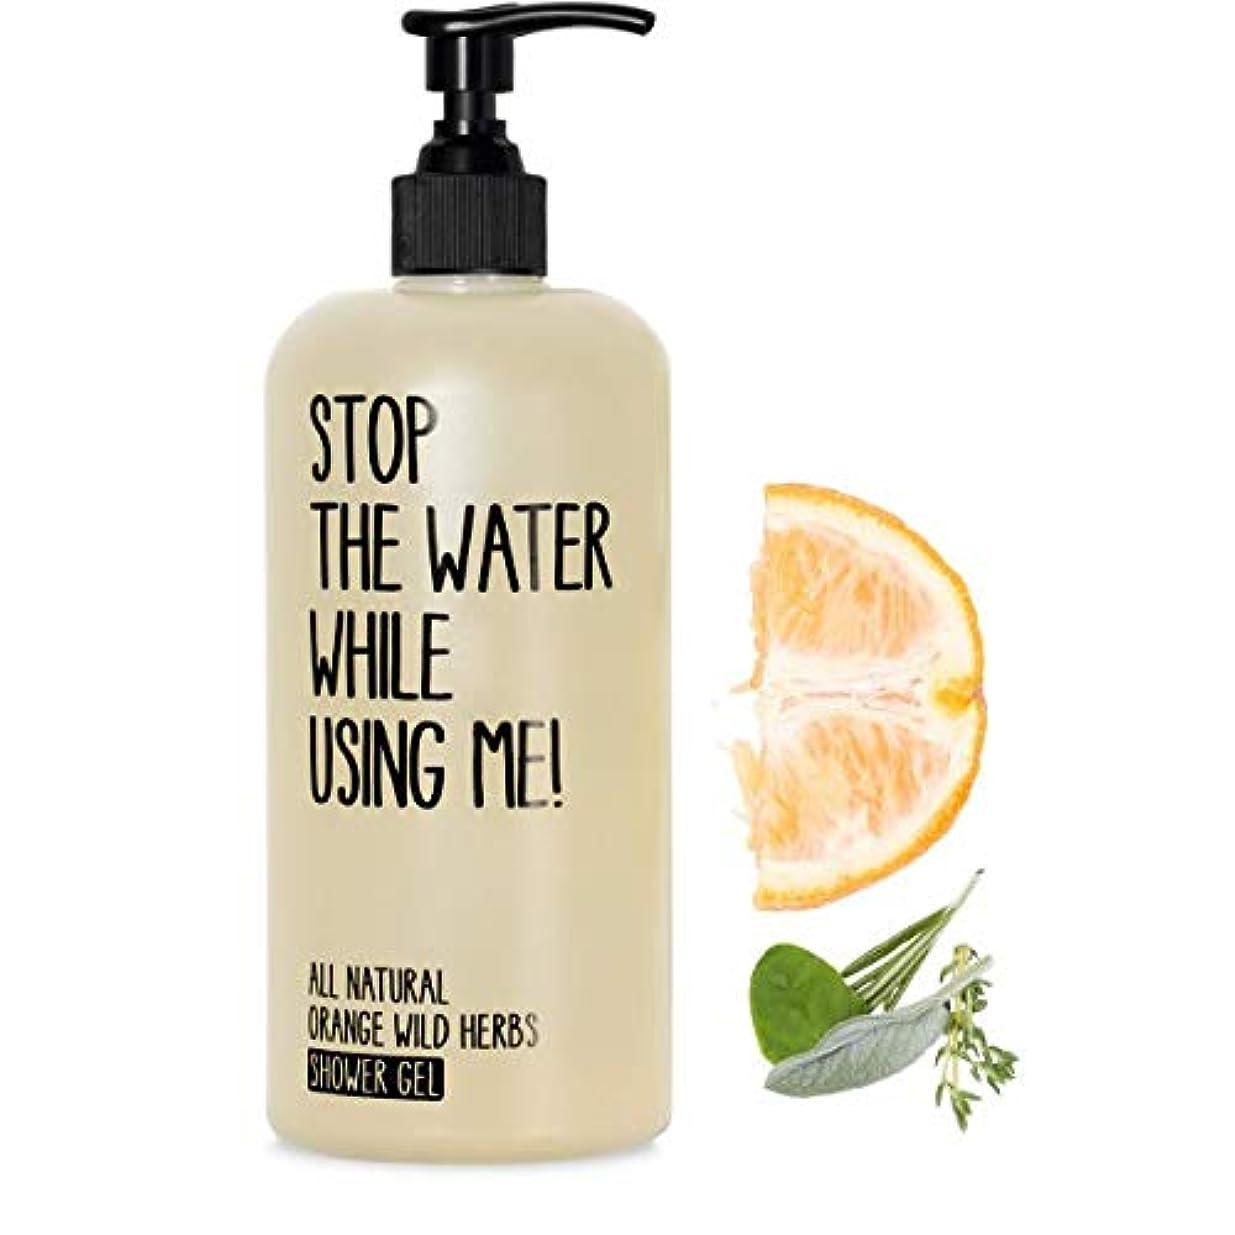 リスクミシン詳細に【STOP THE WATER WHILE USING ME!】 O&WHシャワージェル(オレンジ&ワイルドハーブ) 200ml